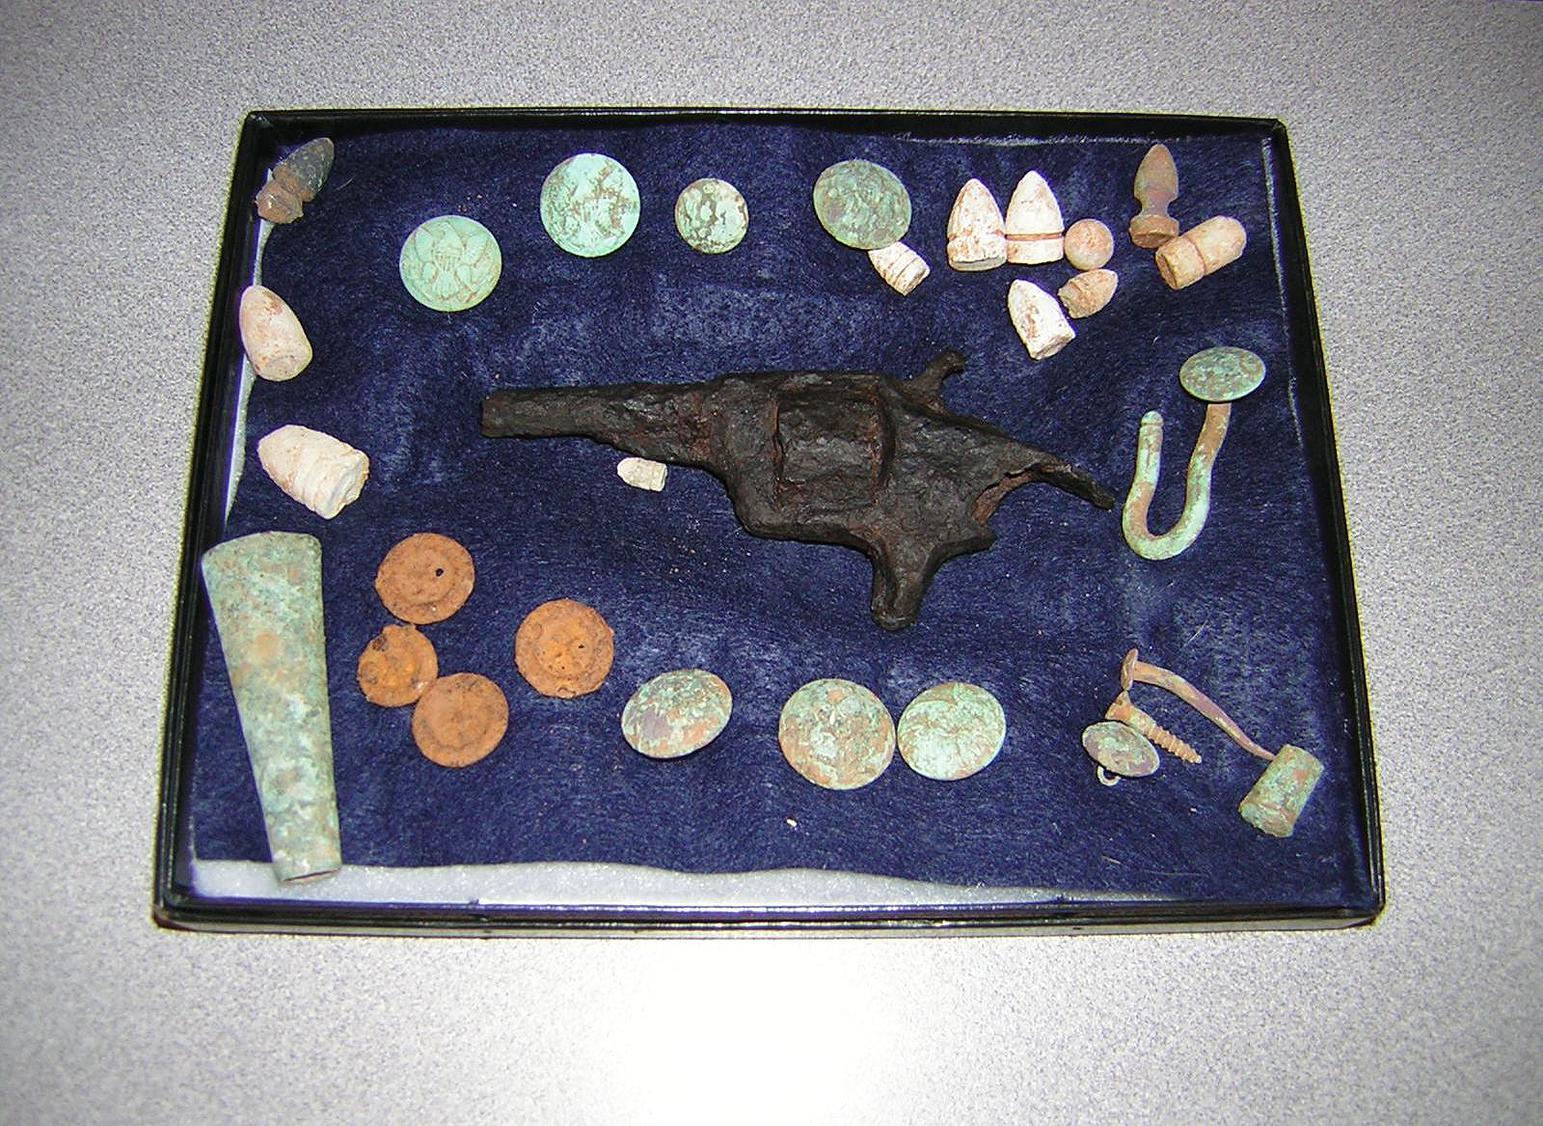 Relics: Doug Rouner